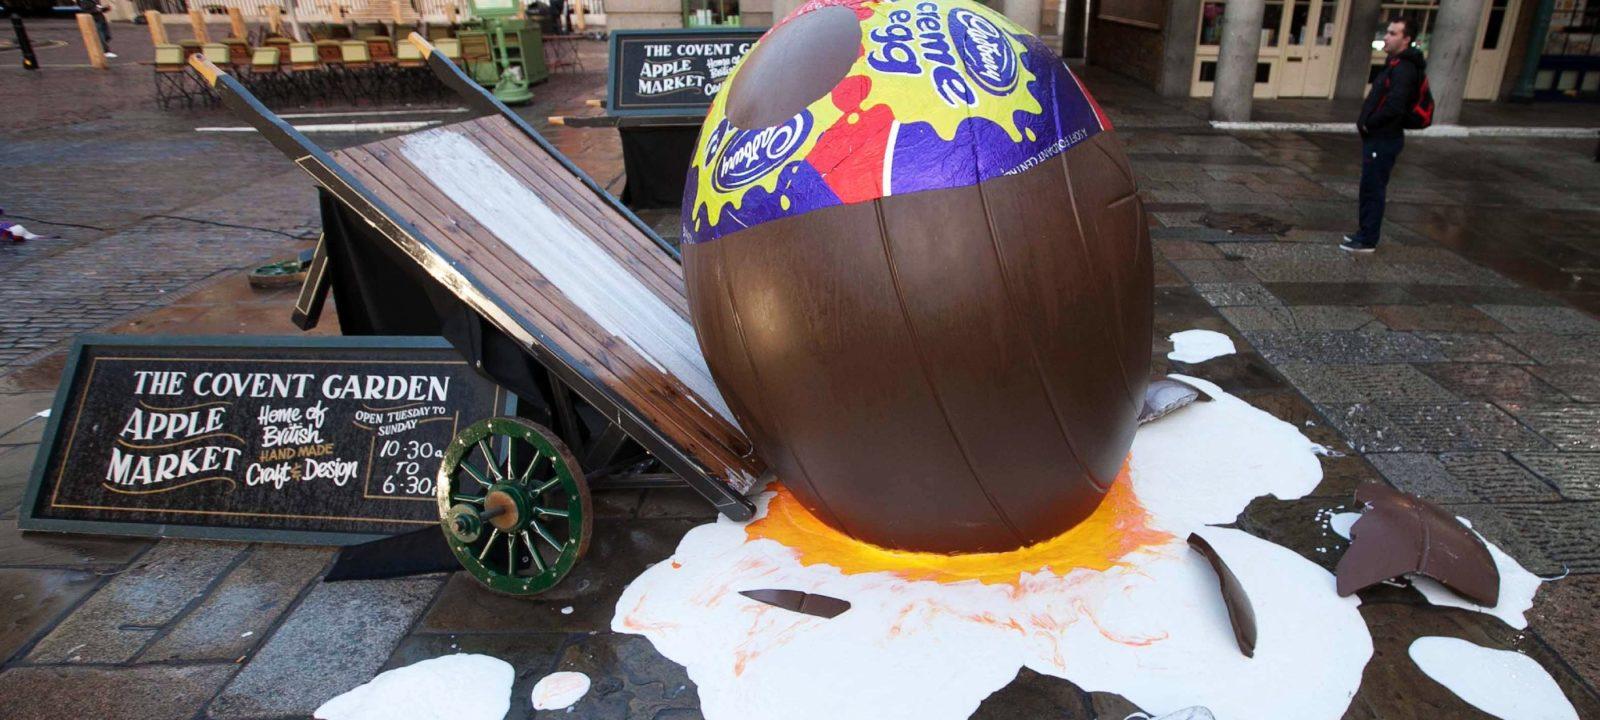 giant creme egg